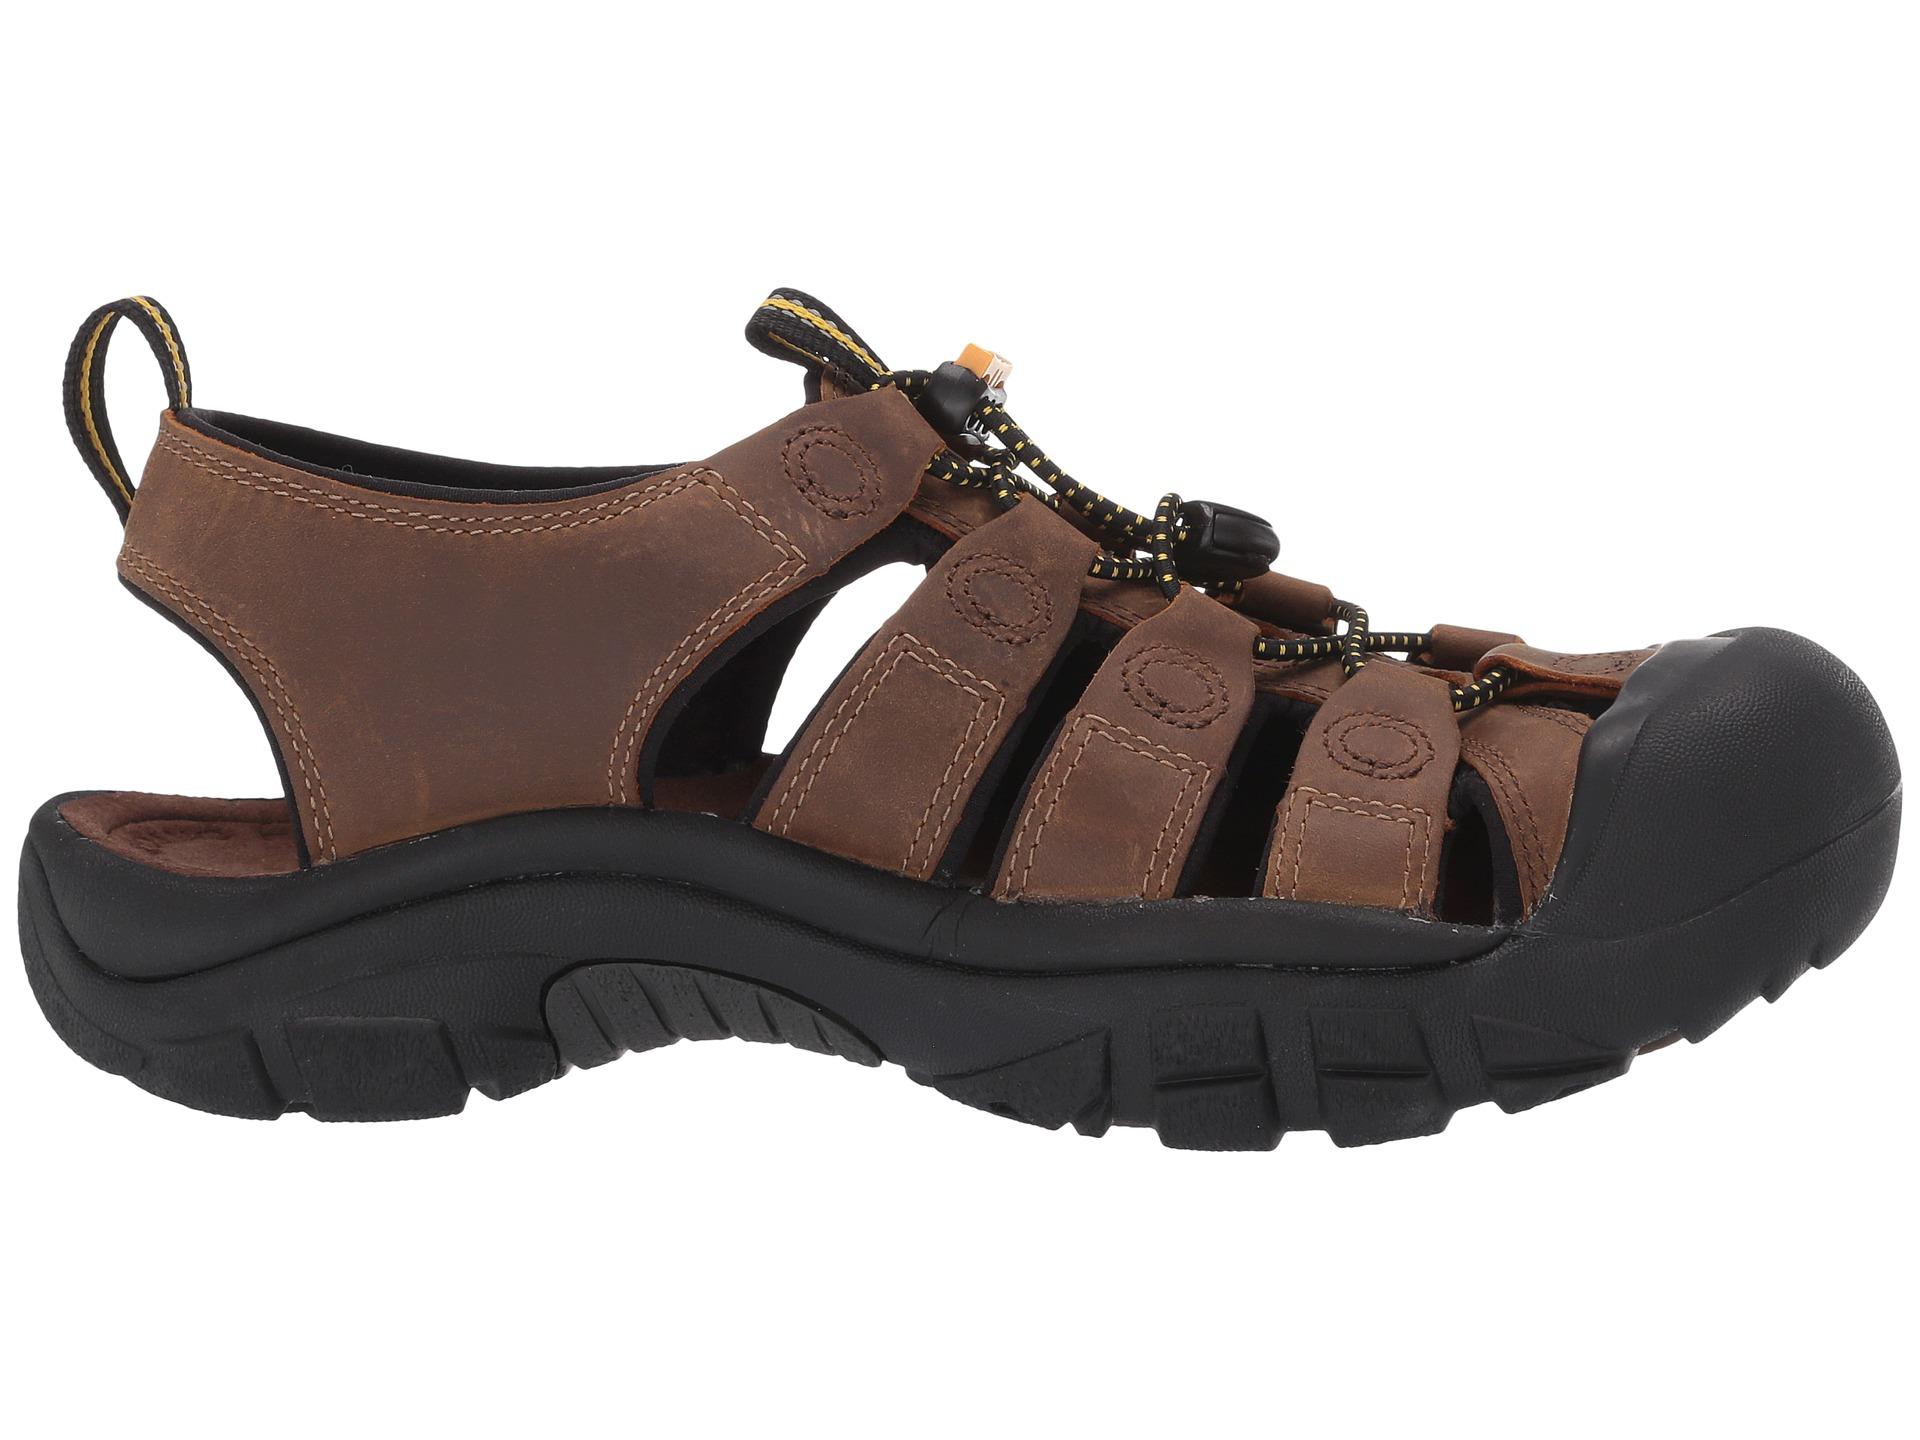 Keen Footwear Zappos